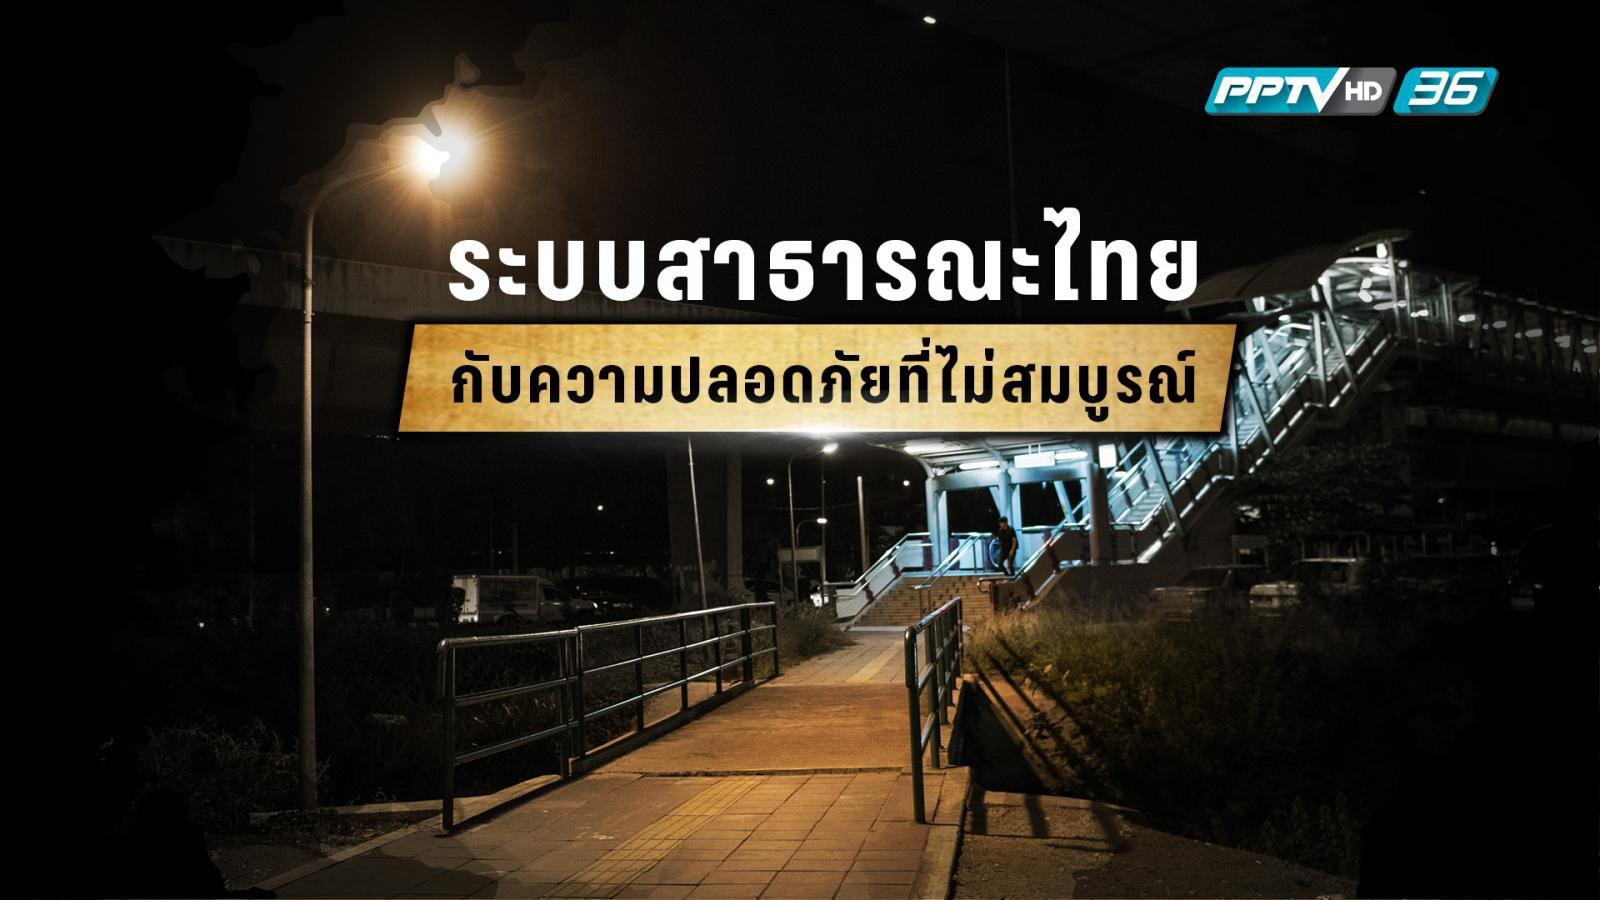 ระบบสาธารณะไทยกับความปลอดภัยที่ไม่สมบูรณ์